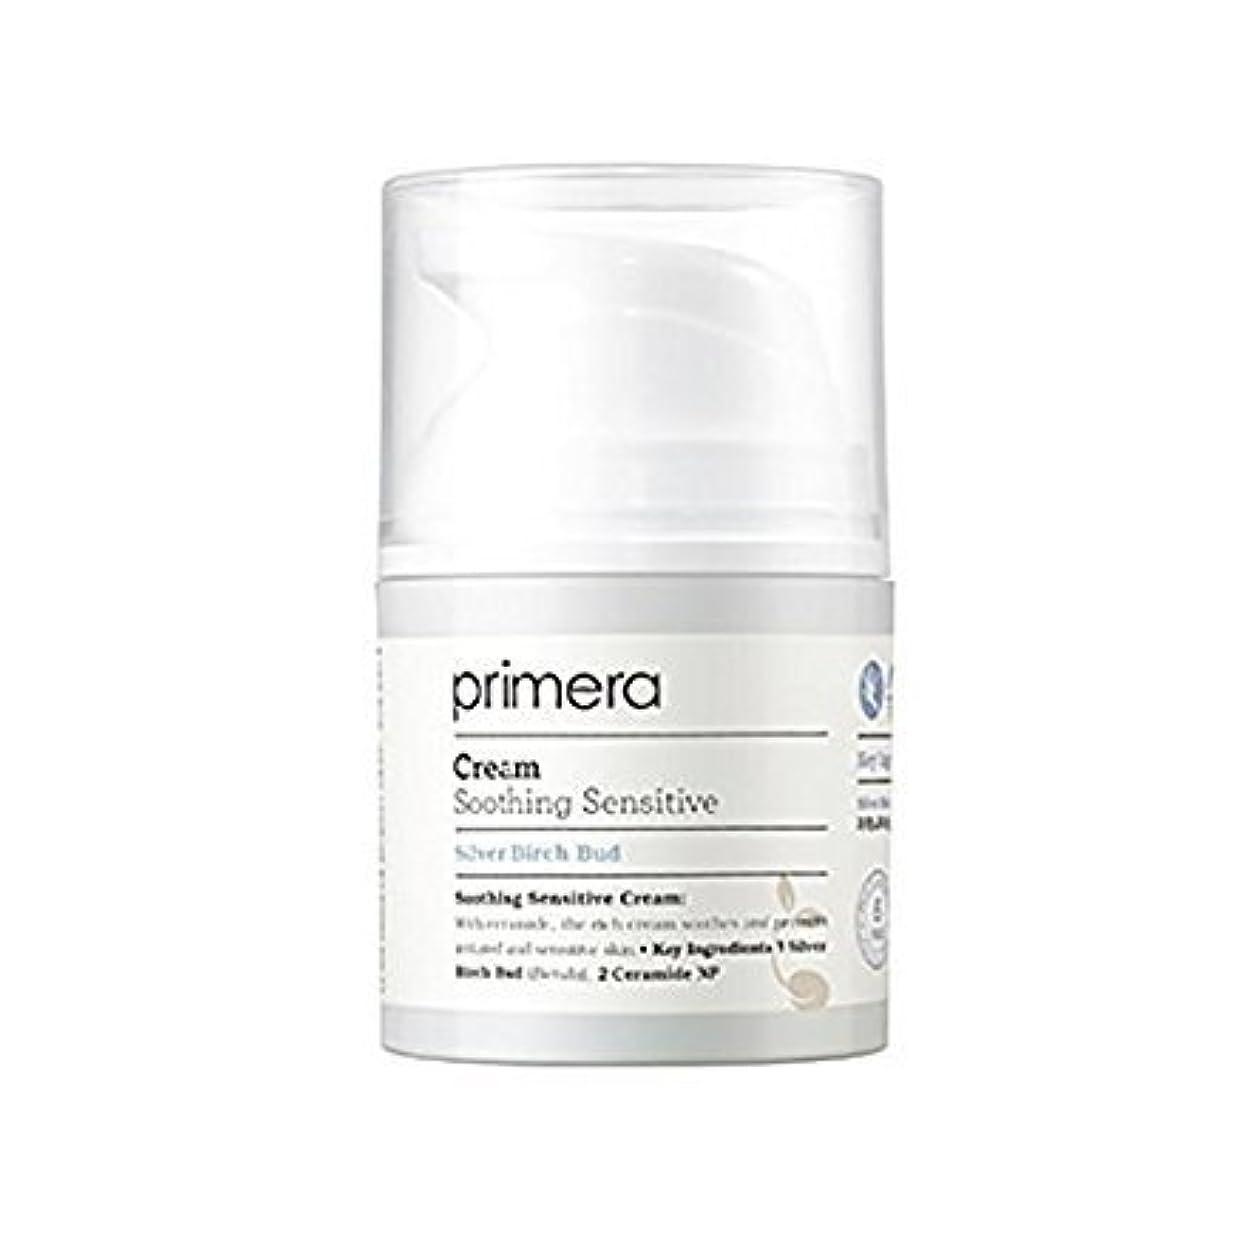 操る淡い髄Primera Technology 新しい 10 無料敏感クリーム 30 Ml をなだめるプリメーラ [並行輸入品]